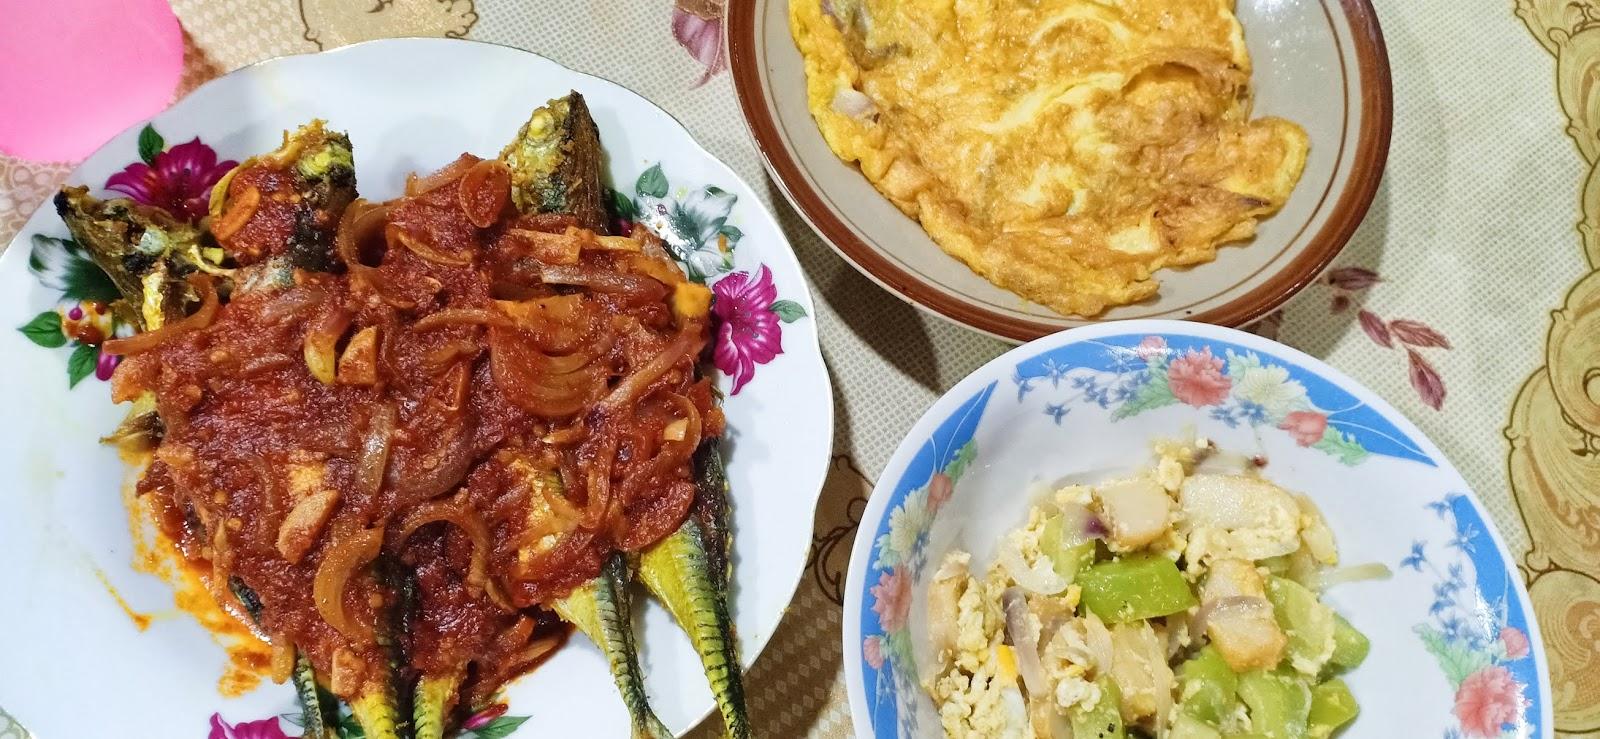 Menu simple Ikan cencaru sambal, kambas dan telur mata